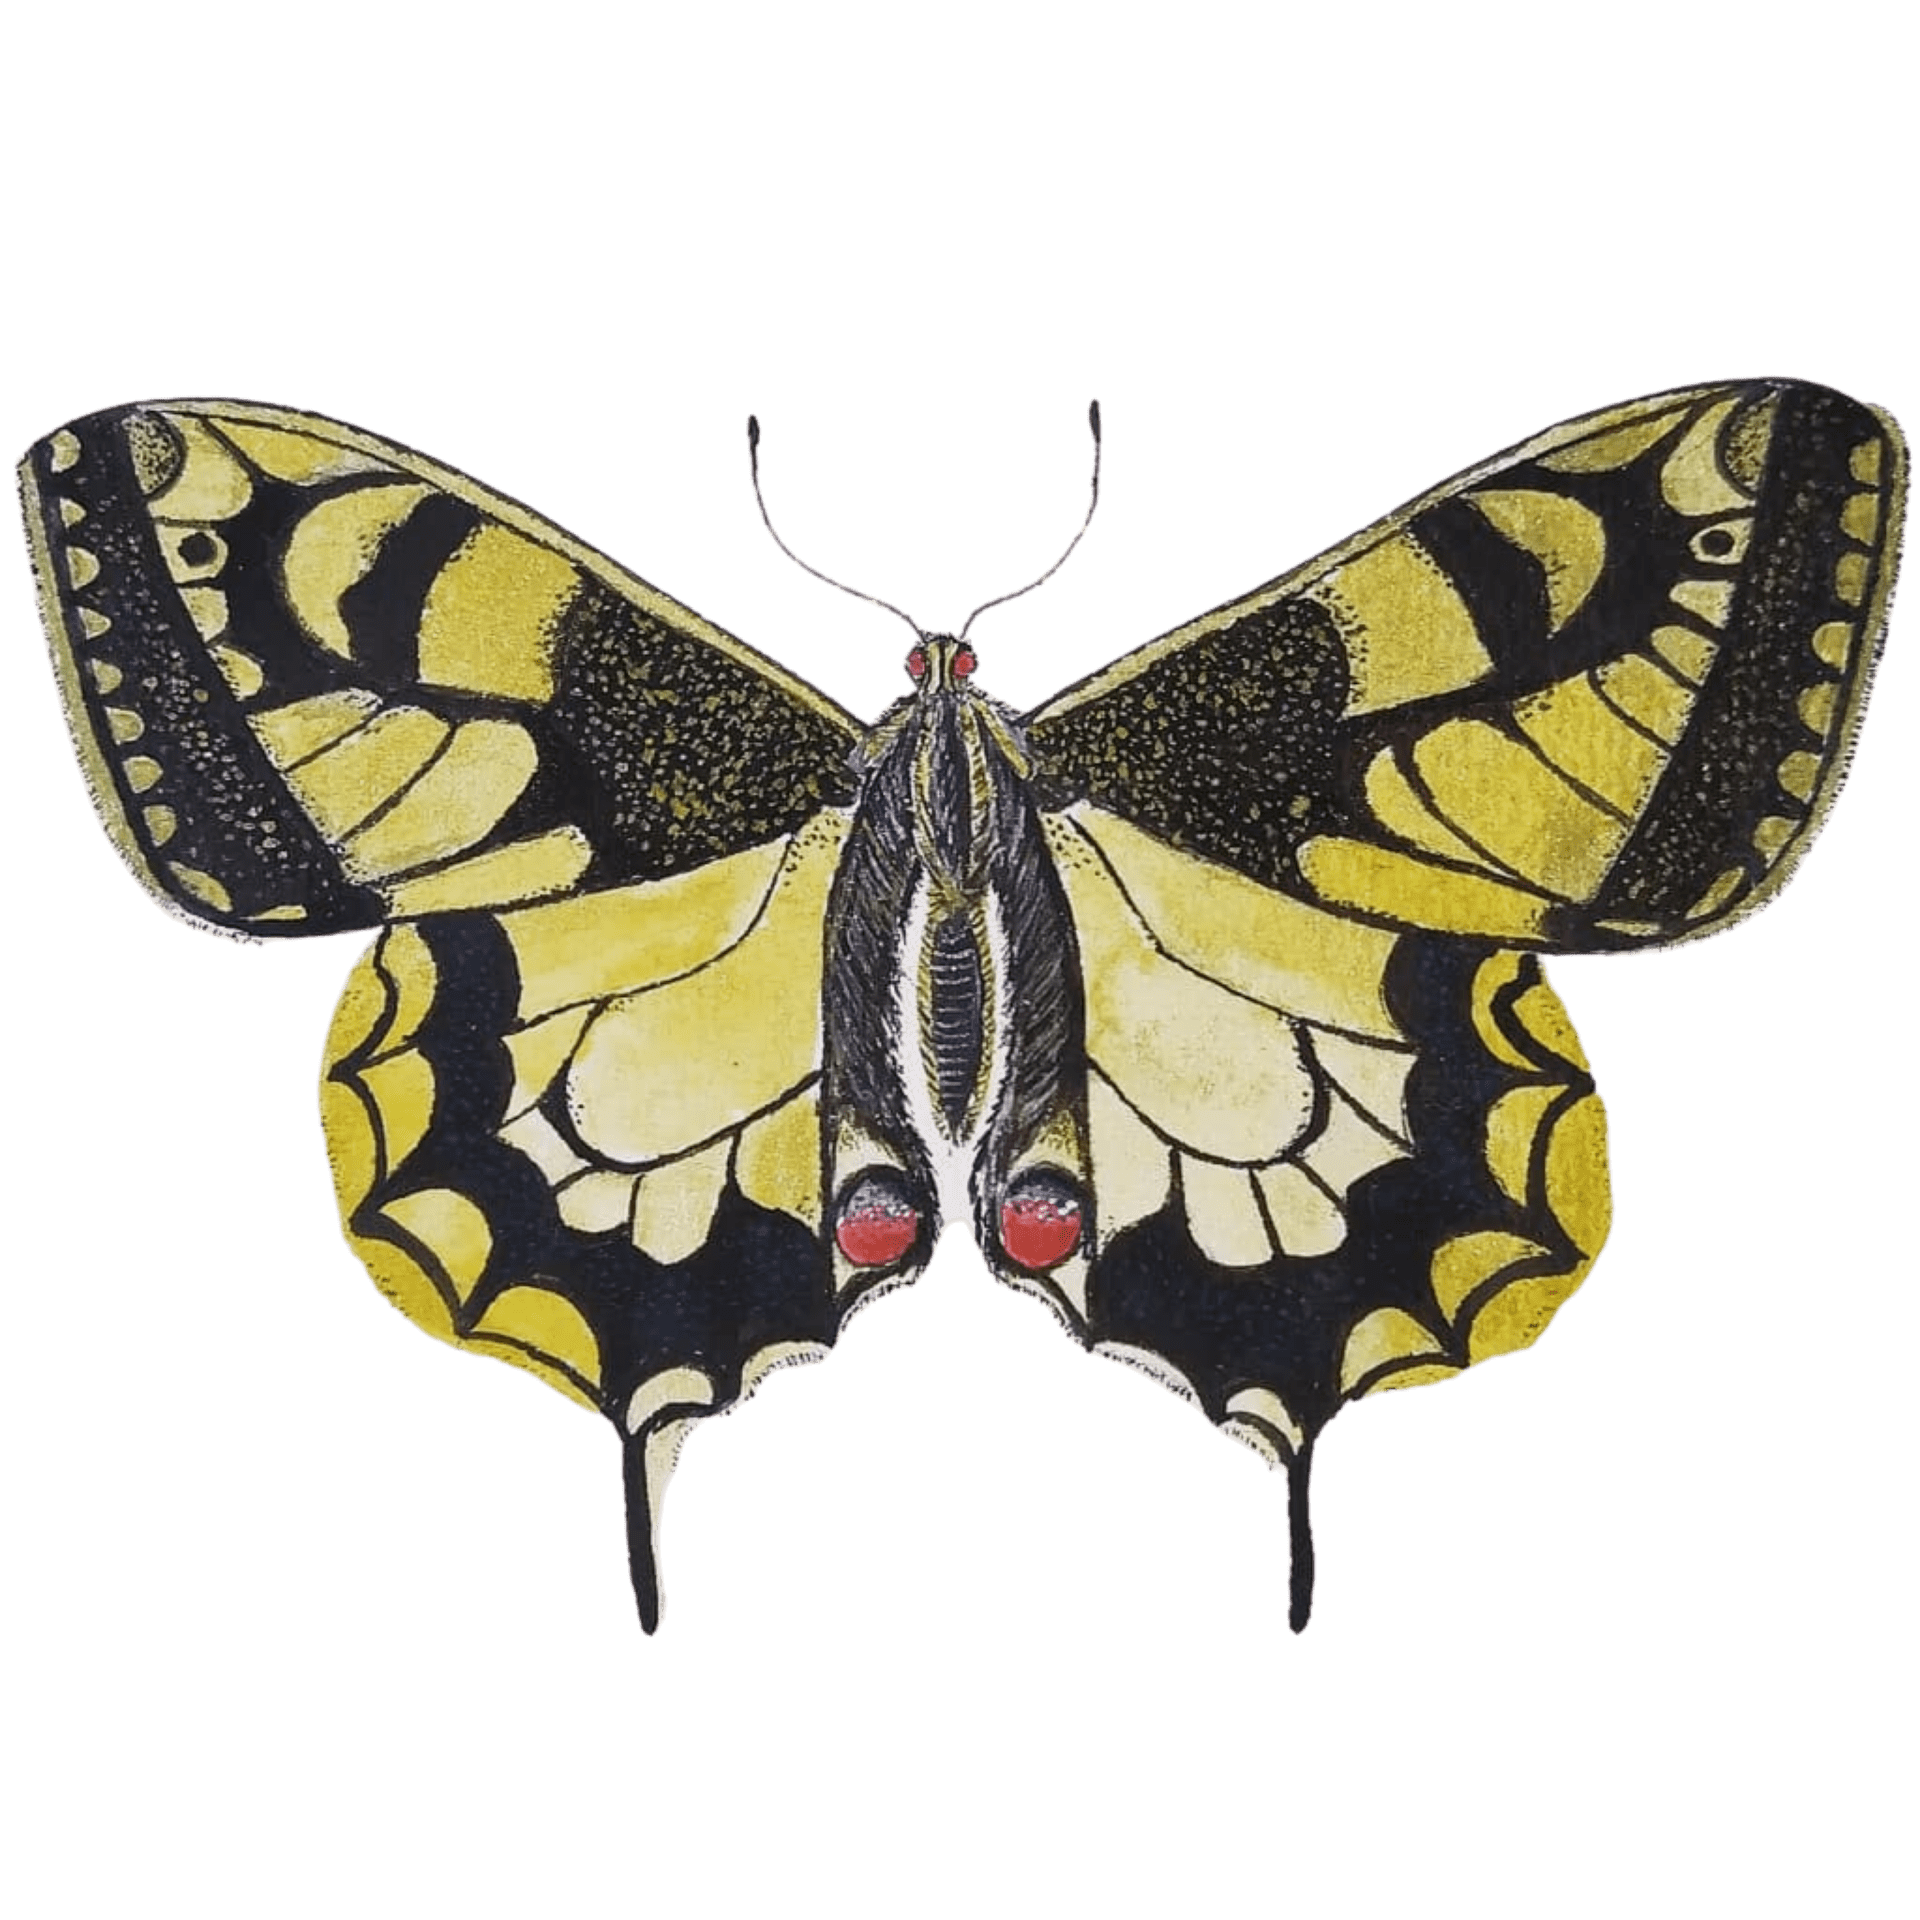 Tekening van de Koninginnepage vlinder met geel en zwart